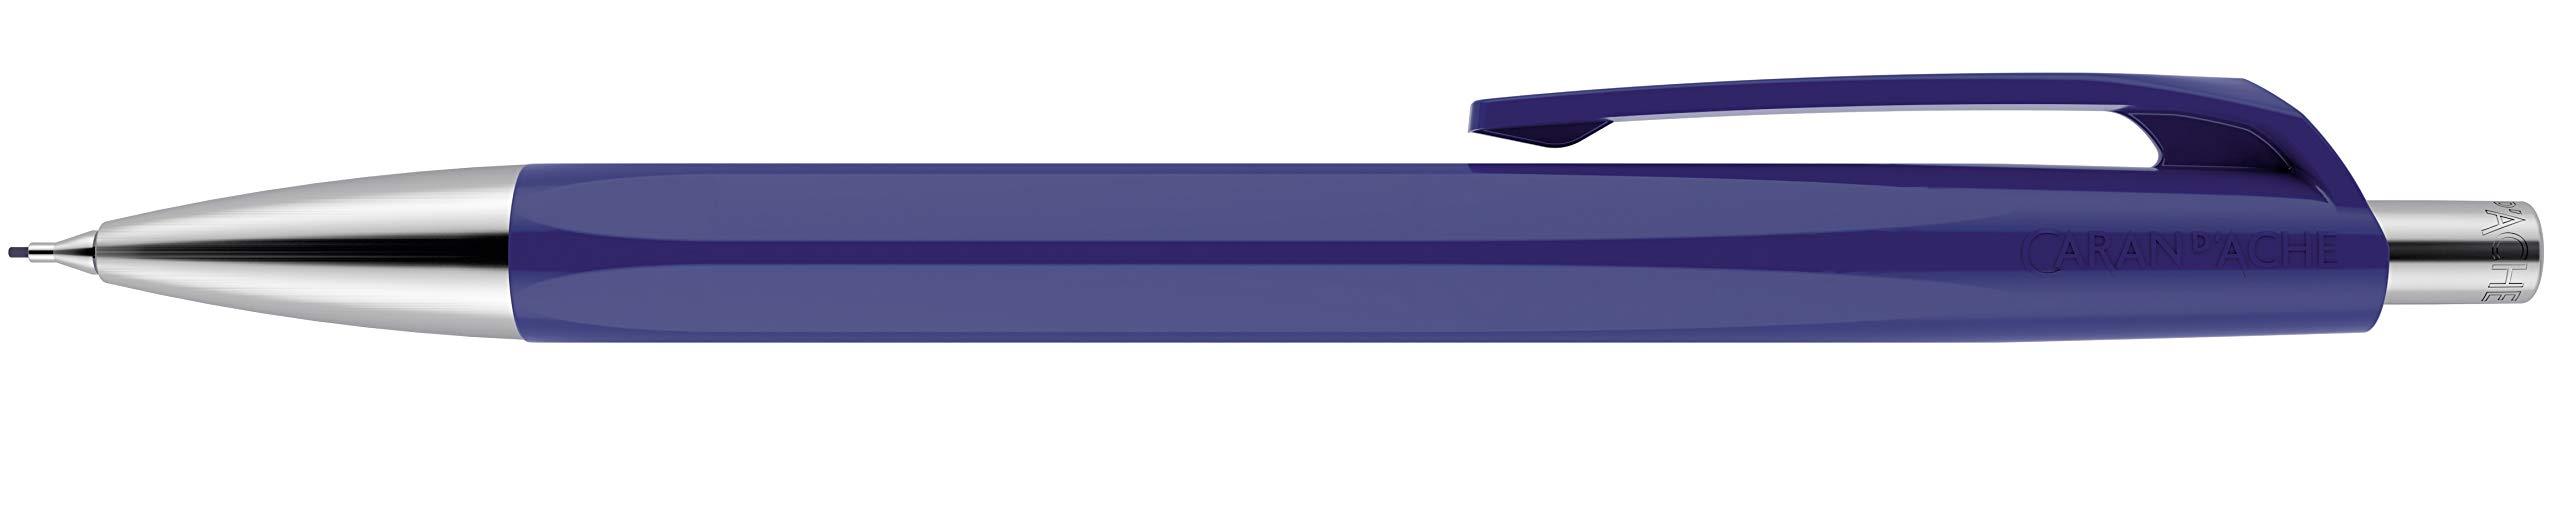 CARAN DACHE 888 Lápiz Mecánico Infinito - Azul Noche